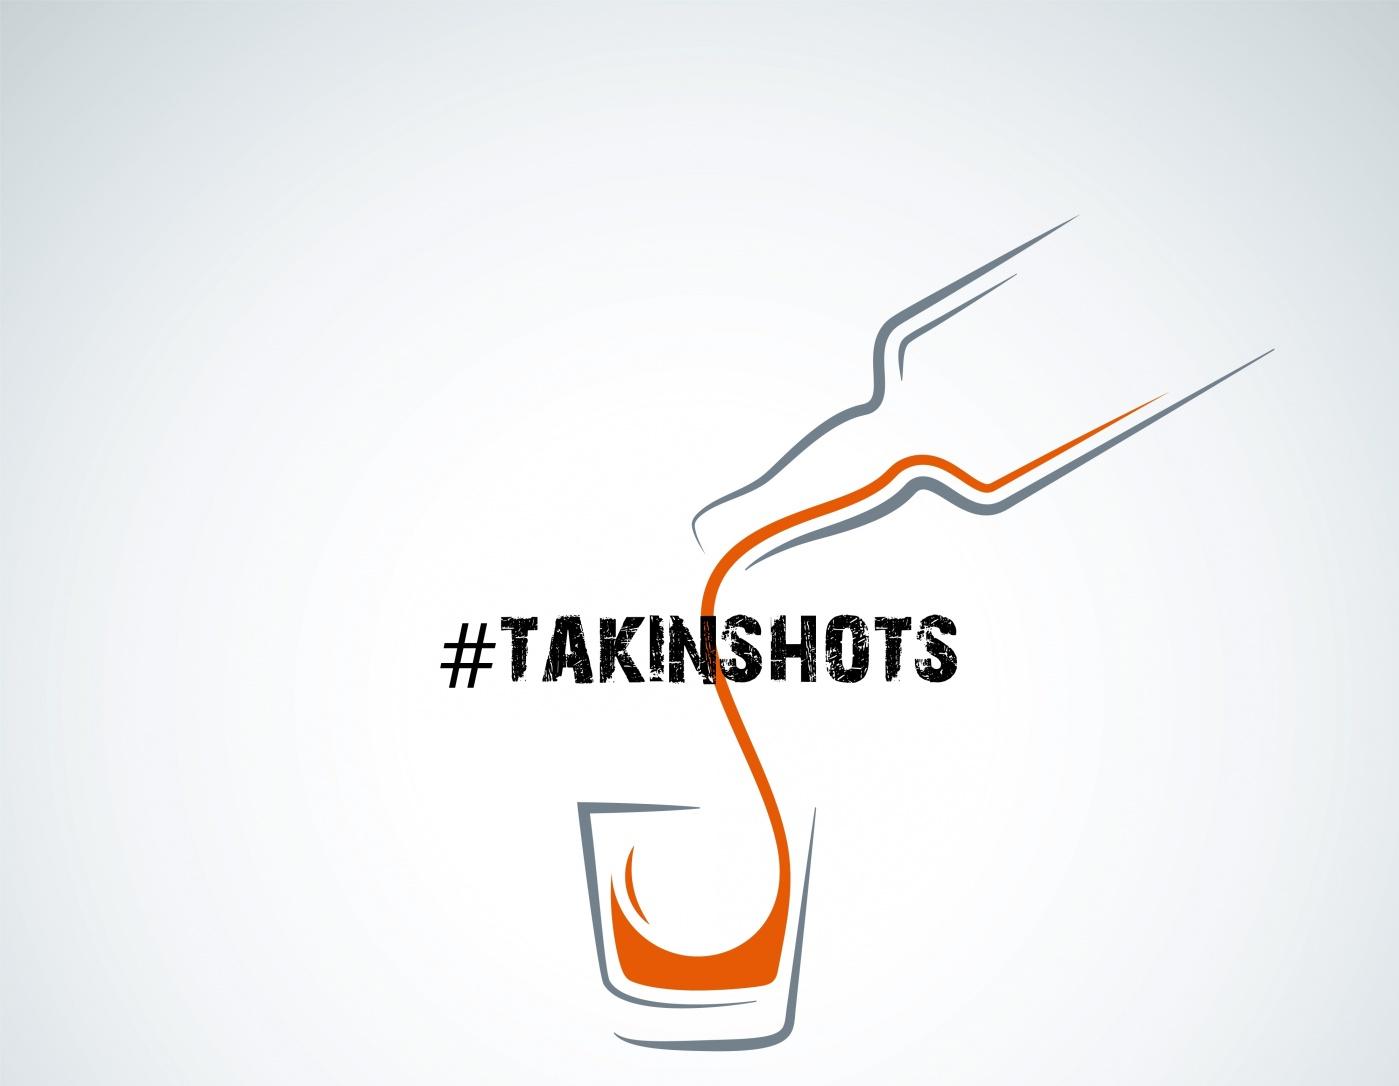 TakinShots